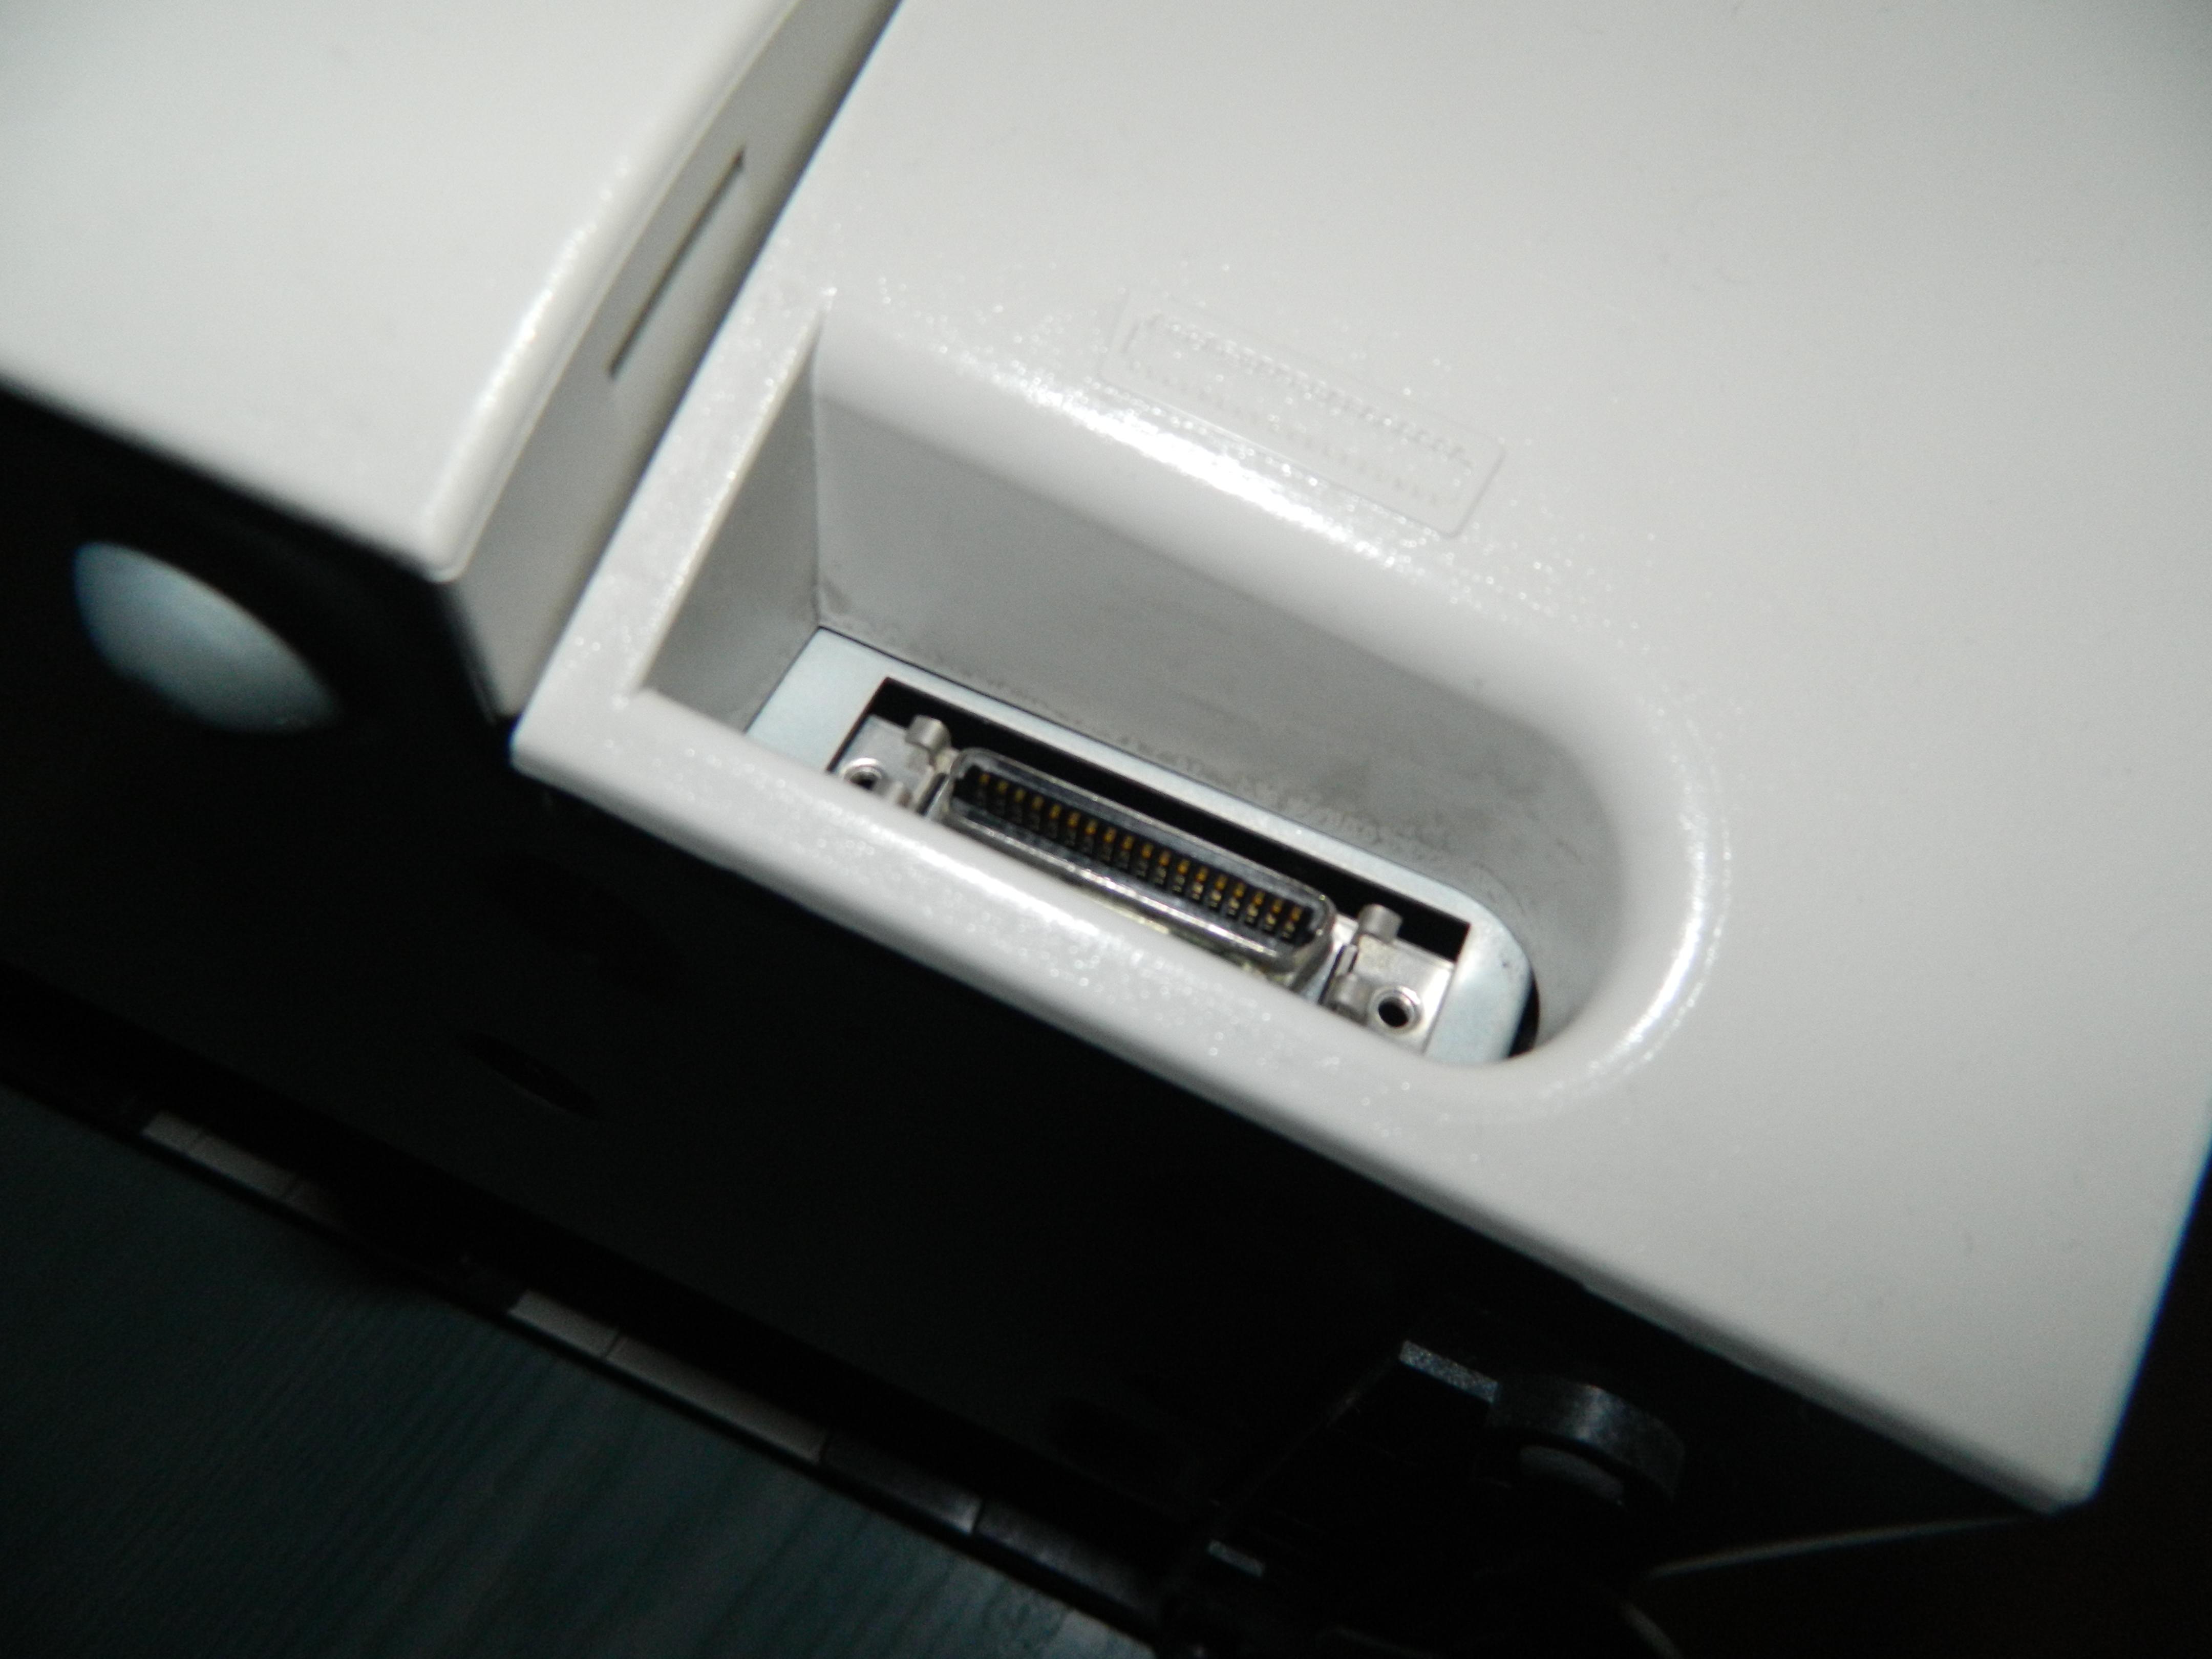 HP 1100 - PrintServer - jak to zrobi�